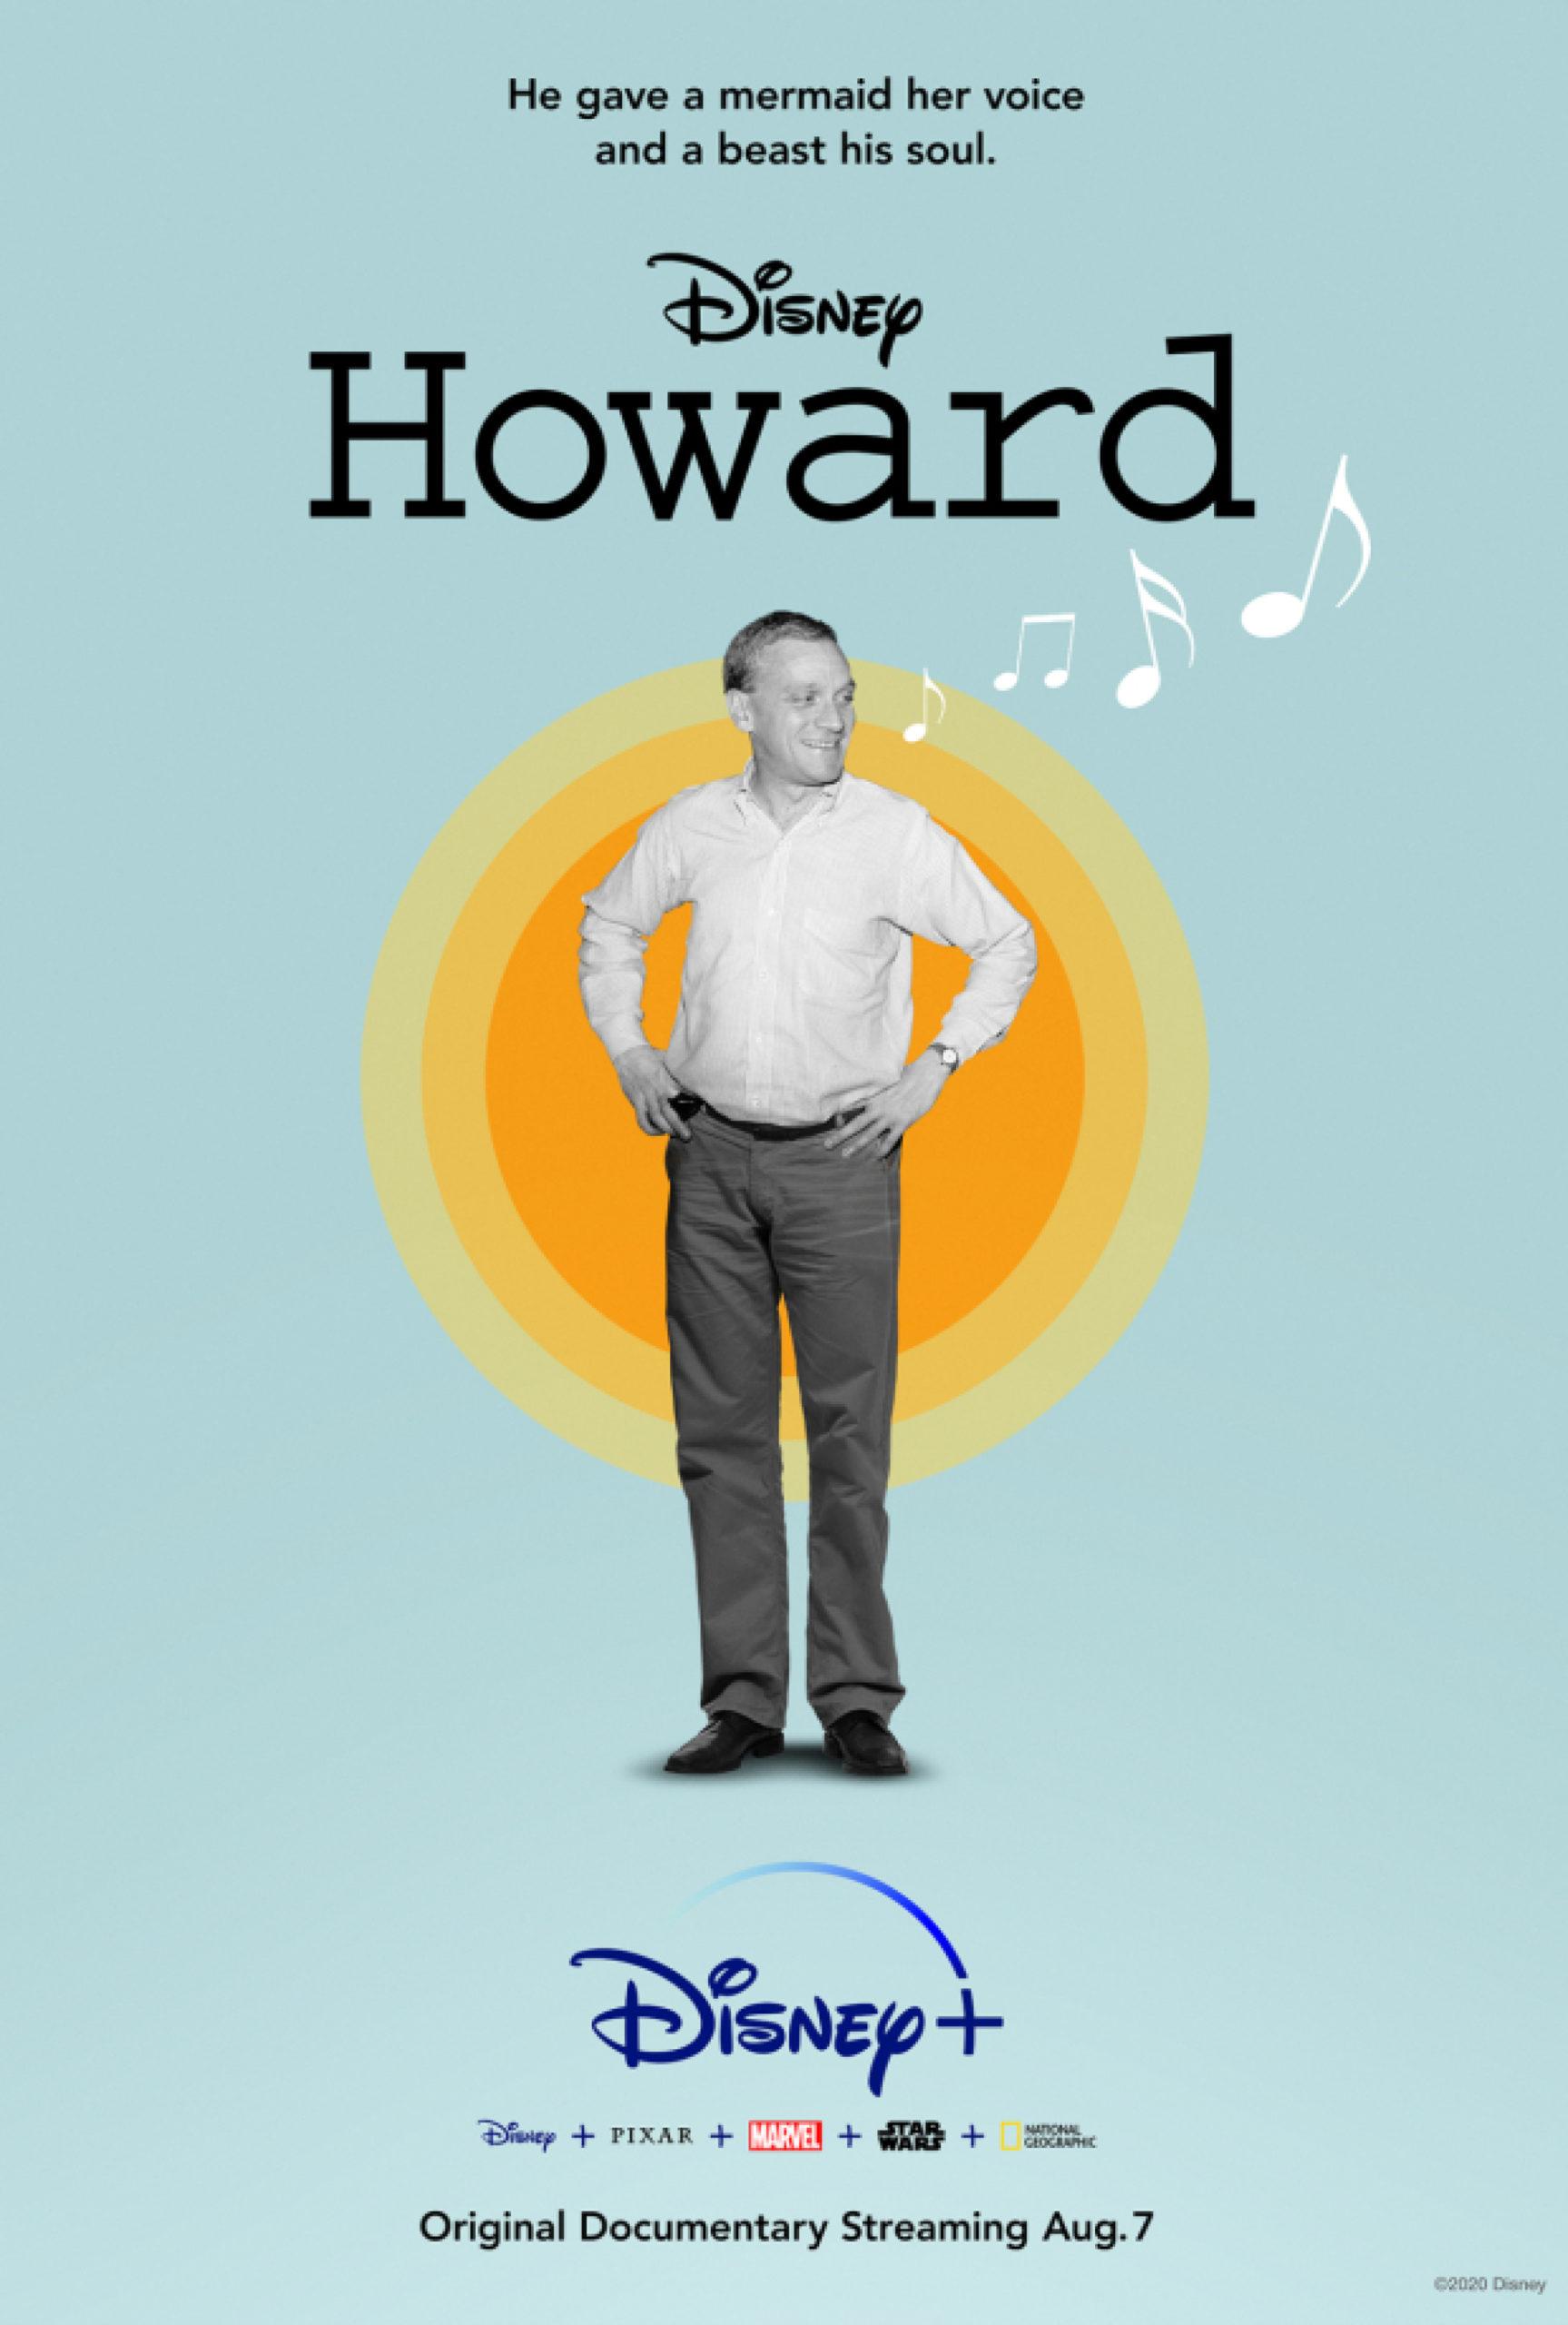 Howard documentary poster, Disney+